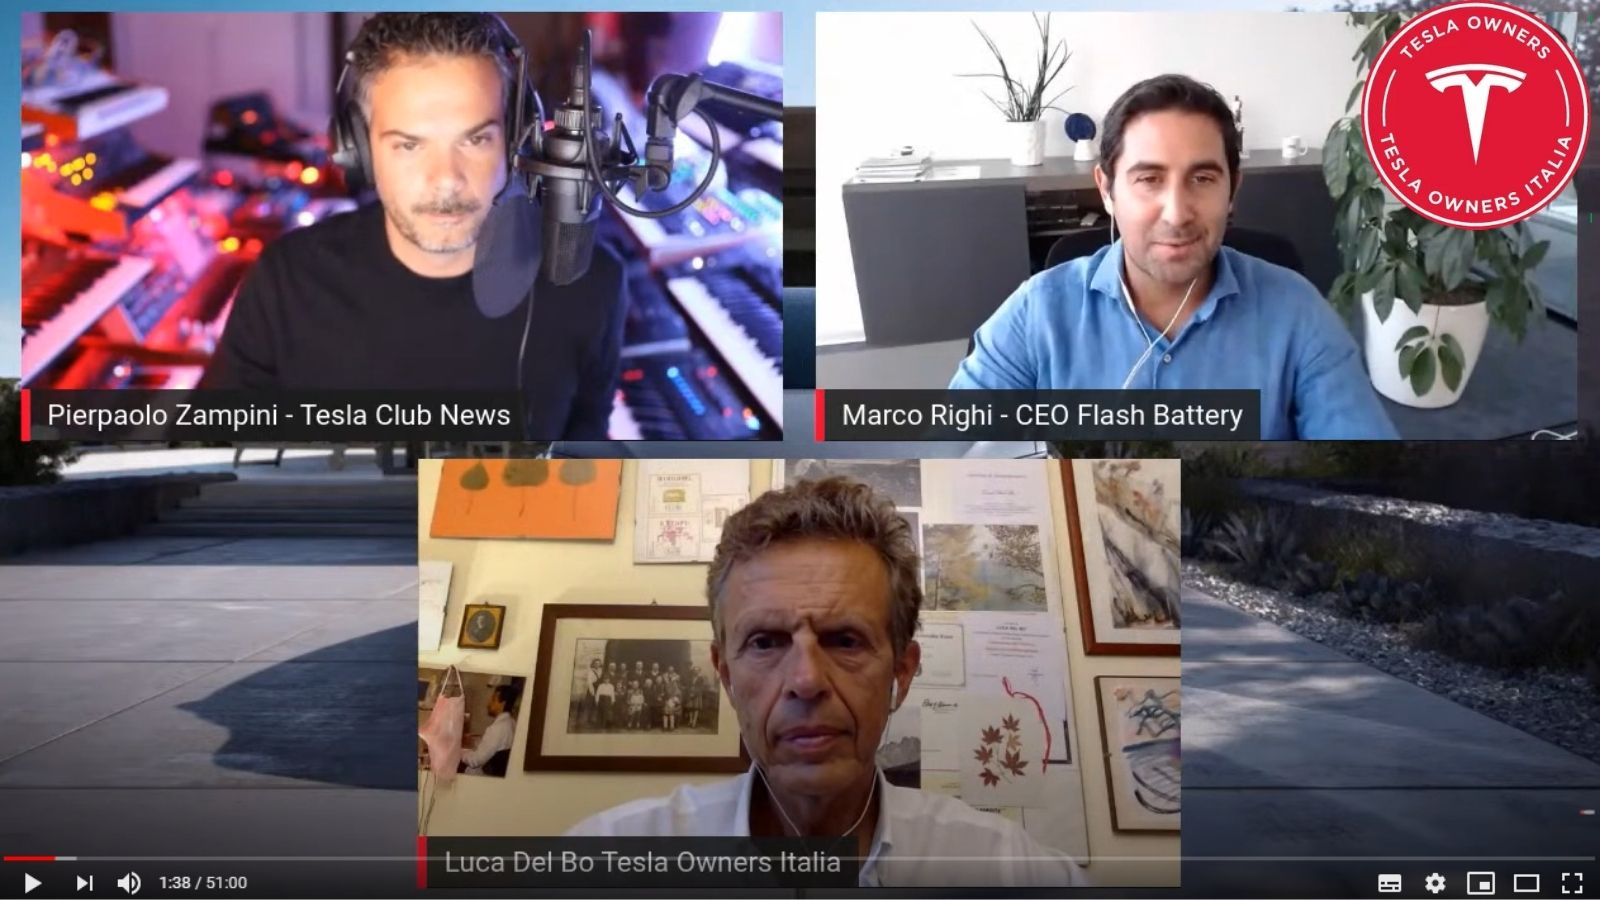 Pillole tecnologia Flash Battery Marco Righi Live Tesla Owners Italia